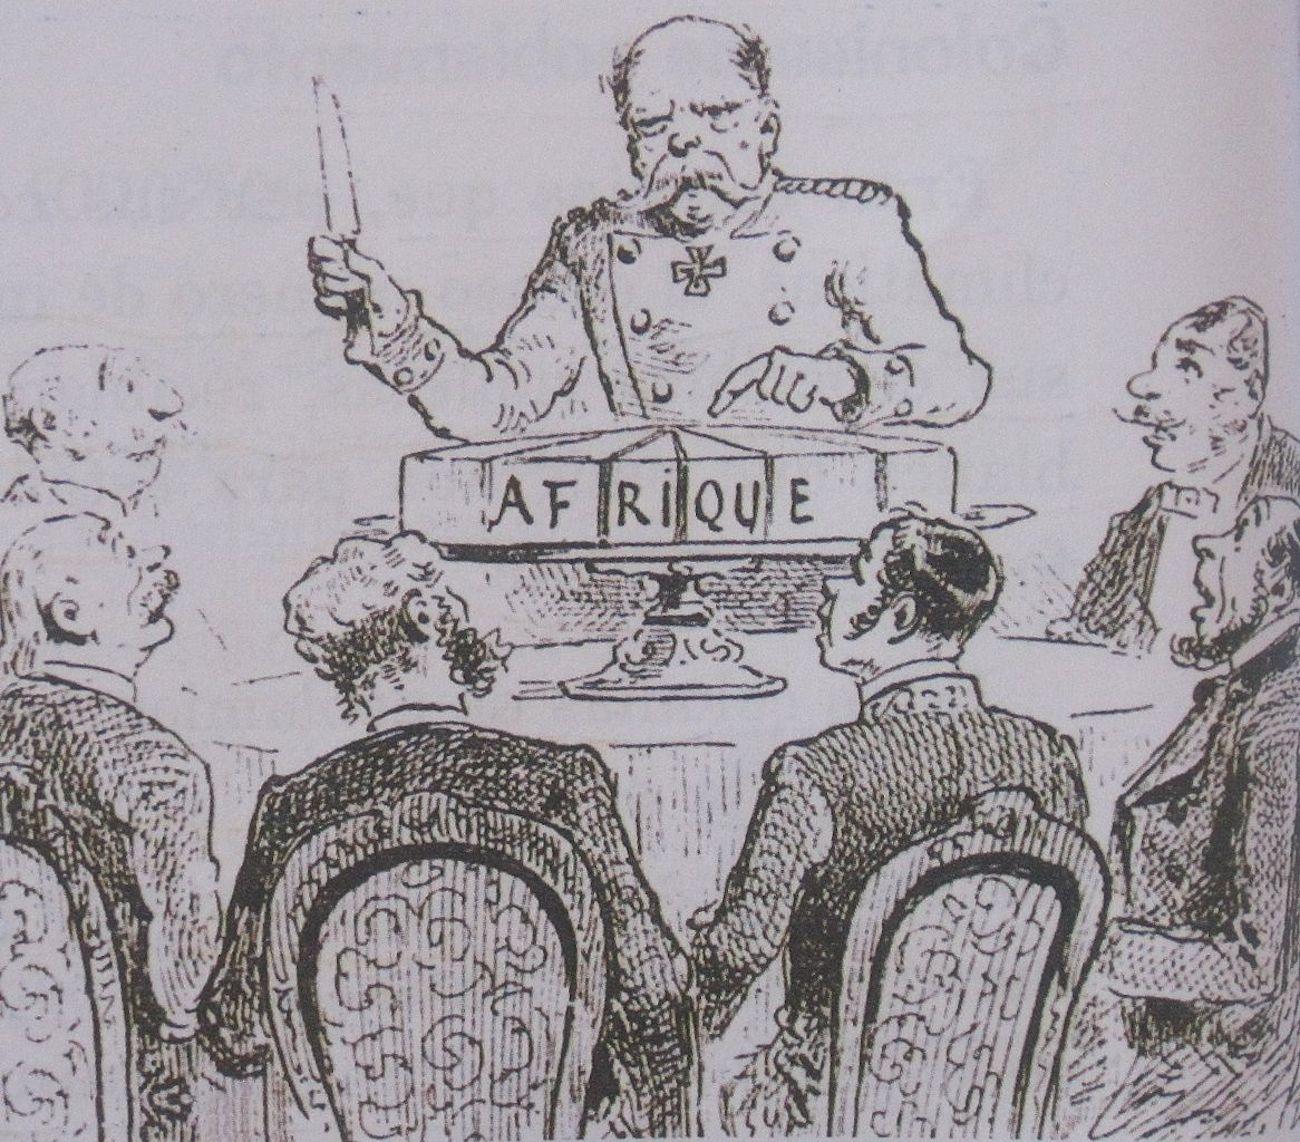 Берлински конгрес, карикатура, 1885.  / CC BY-SA 4.0-3.0-2.5-2.0-1.0, via Wikimedia Commons